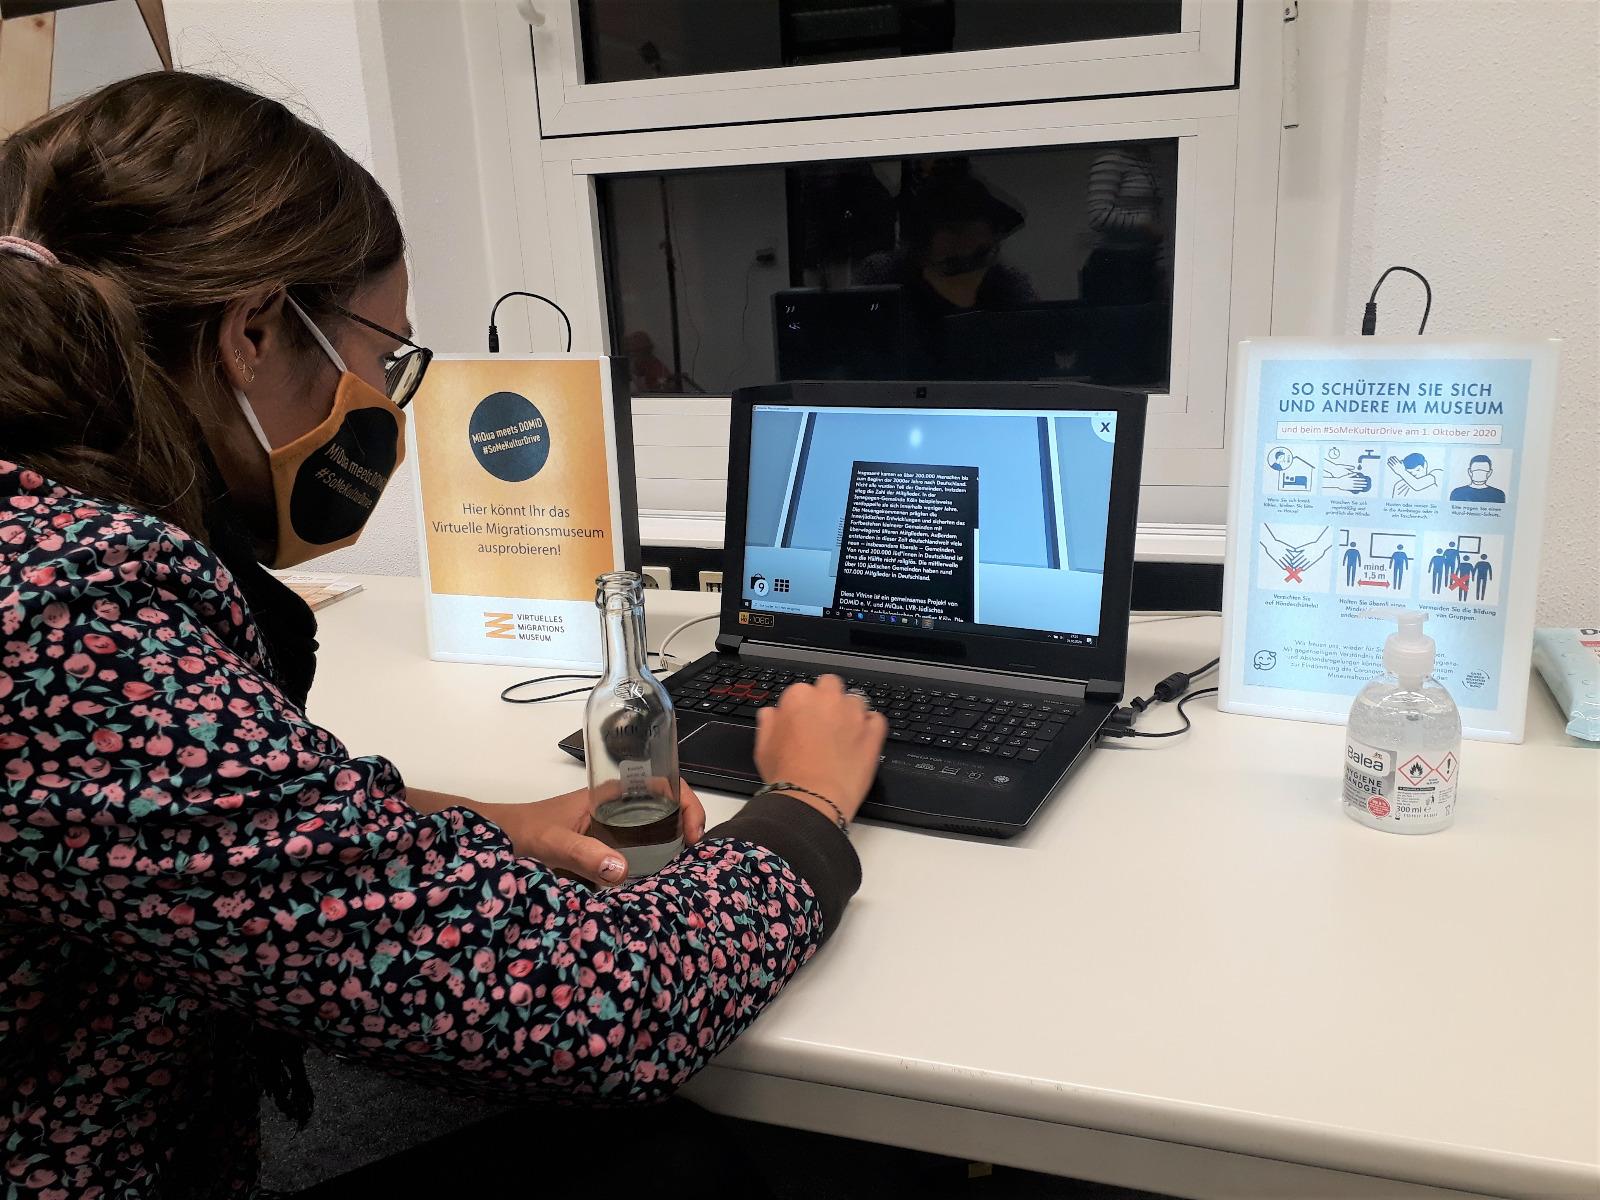 Eine Teilnehmerin sitzt an einem der Tische und testet die Anwendung an einem Laptop.